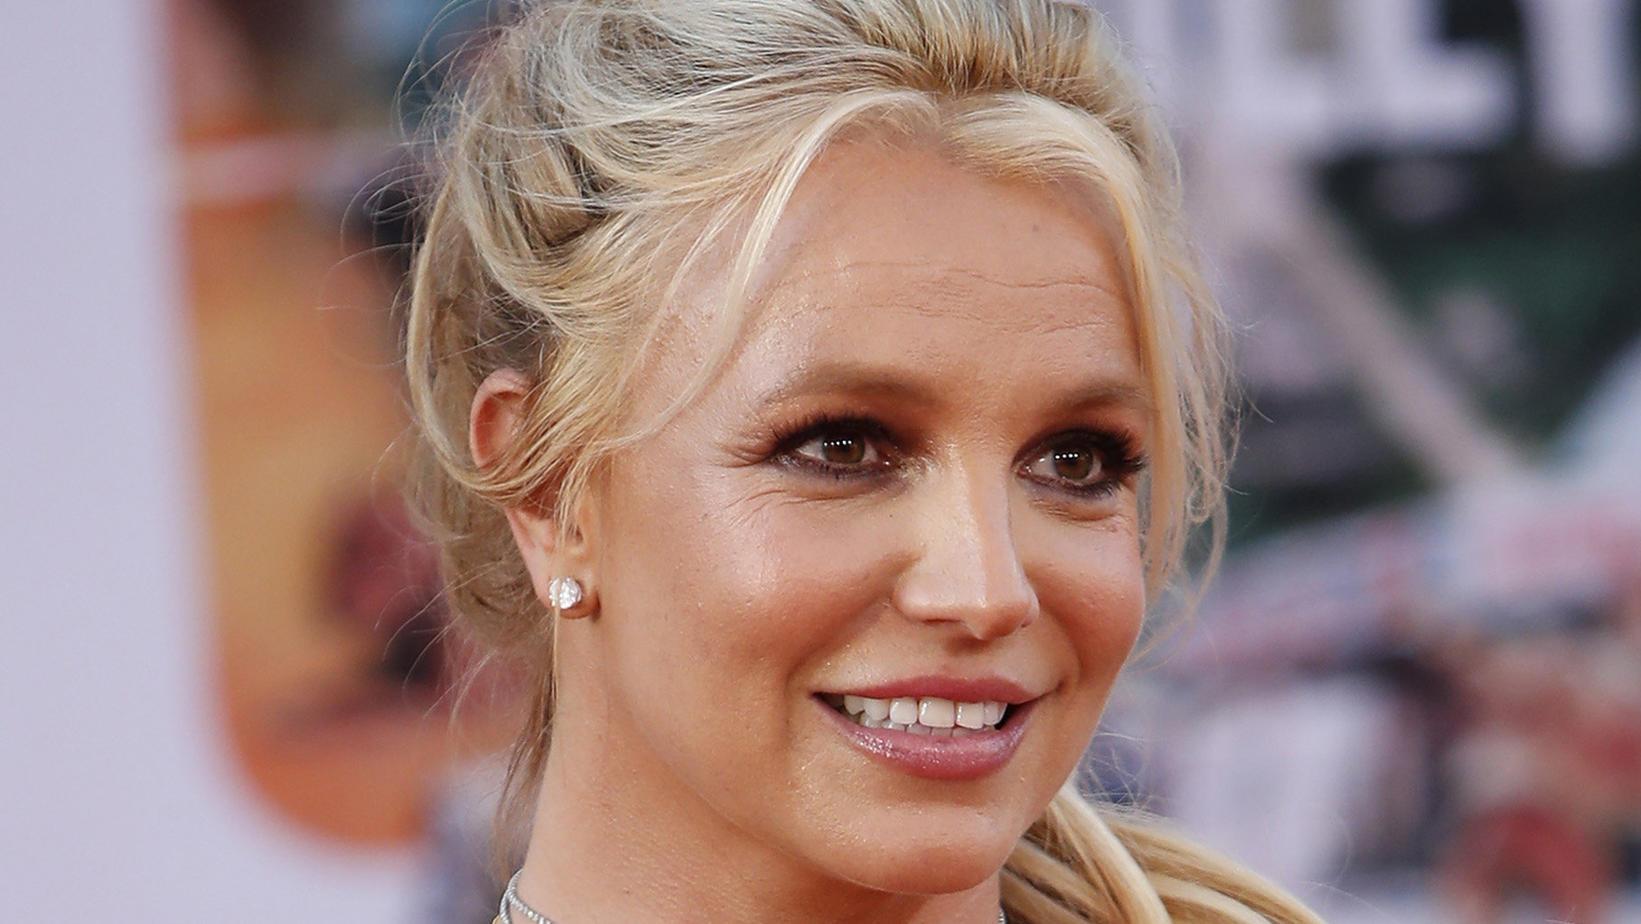 Sängerin Britney Spears hat keinen Instagram-Account mehr